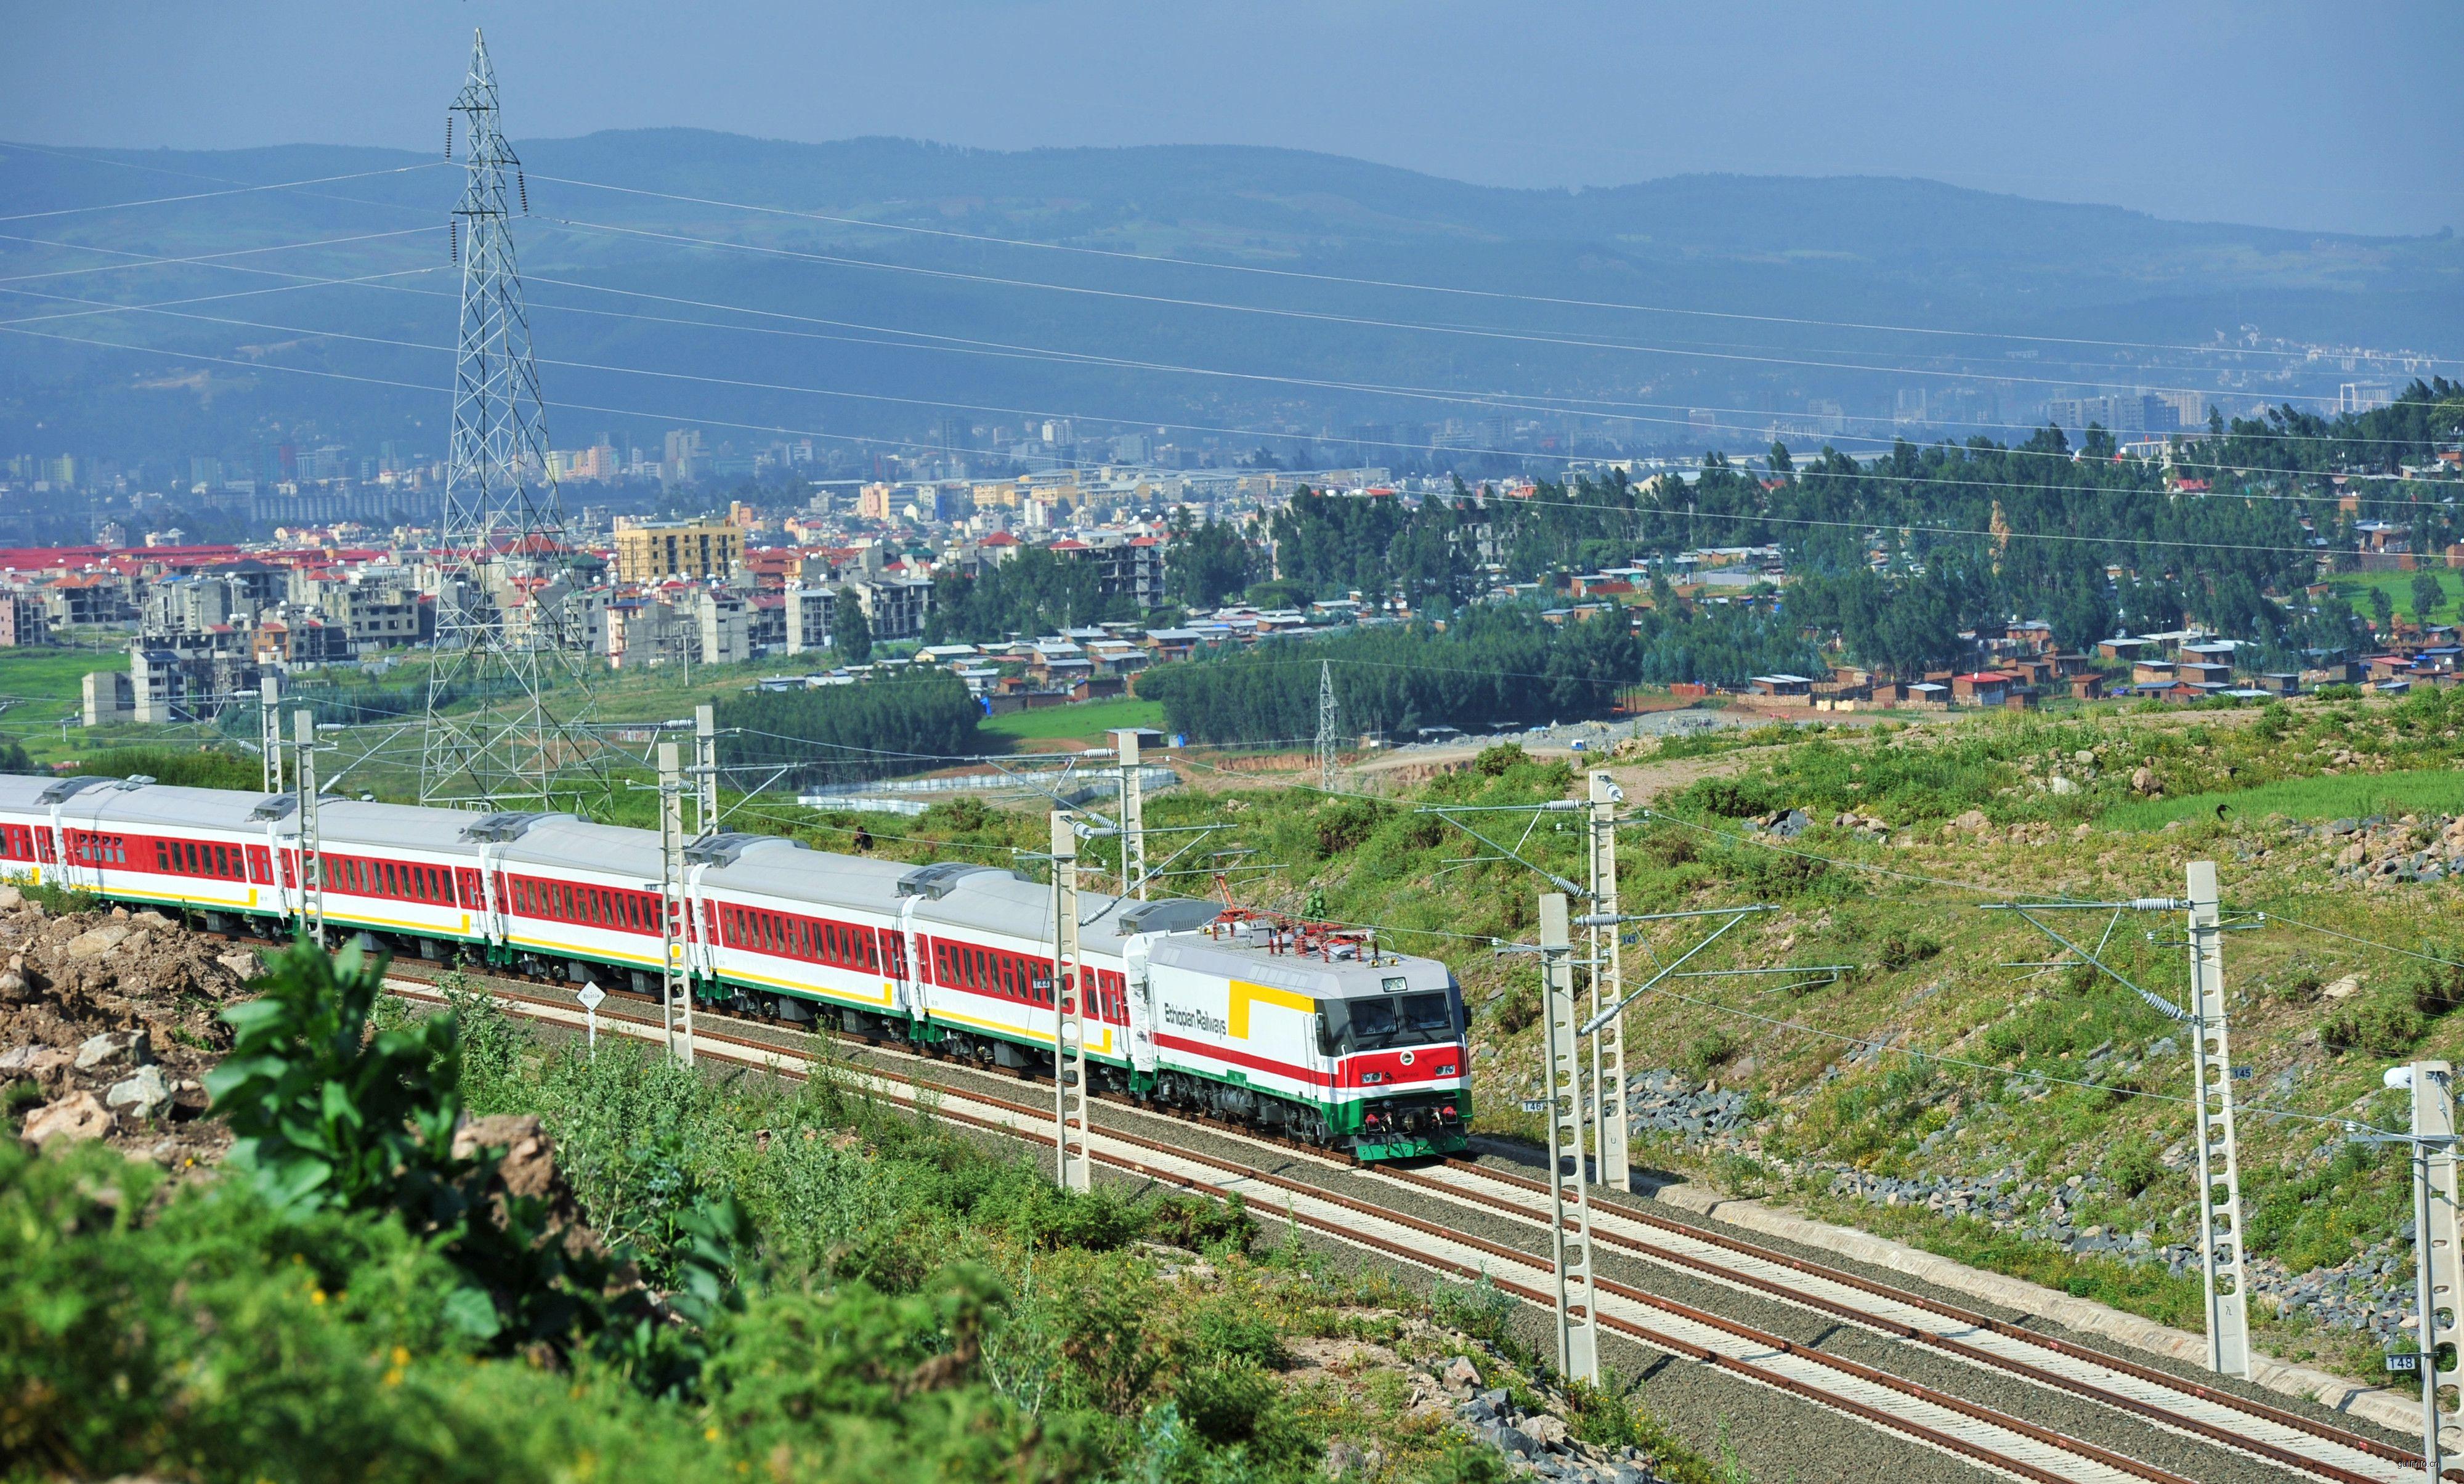 埃塞俄比亚是非洲最多外商投资的目的地之一